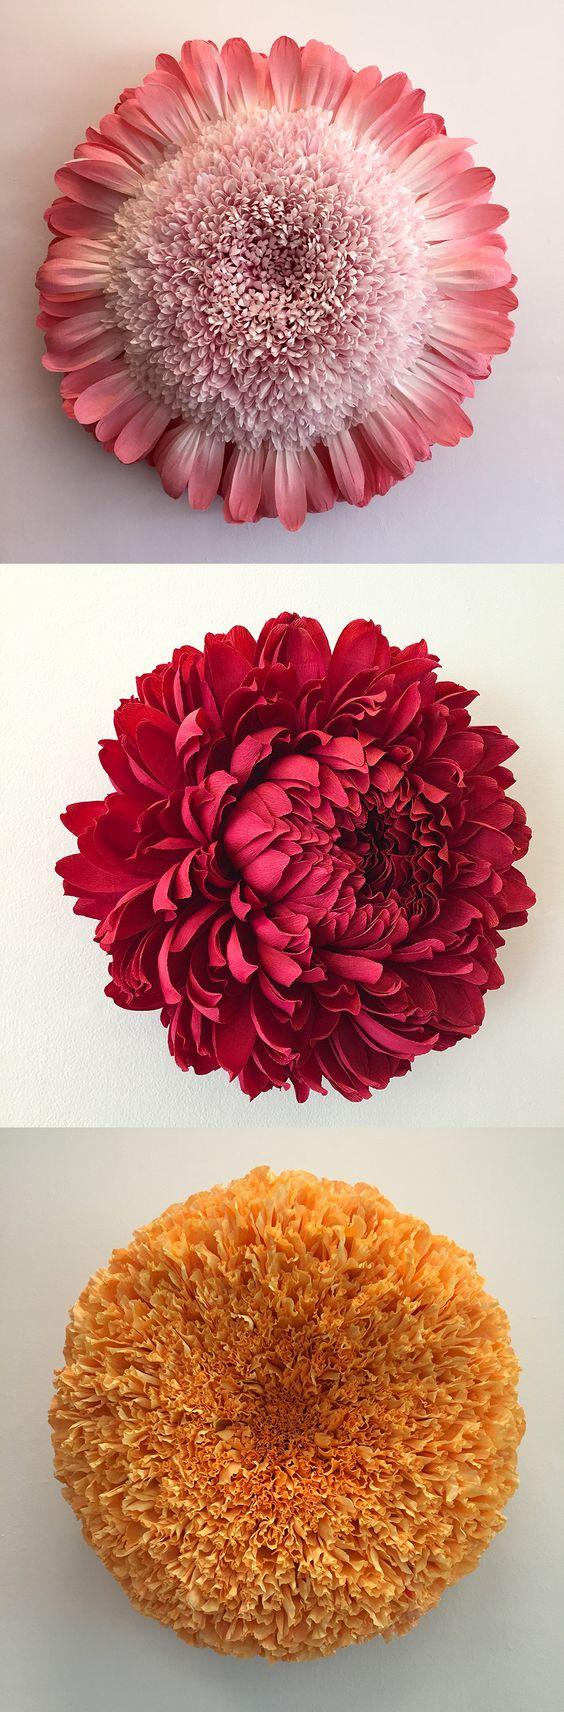 New Giant Paper Flower Sculptures by Tiffanie Turner  Из Бубаги